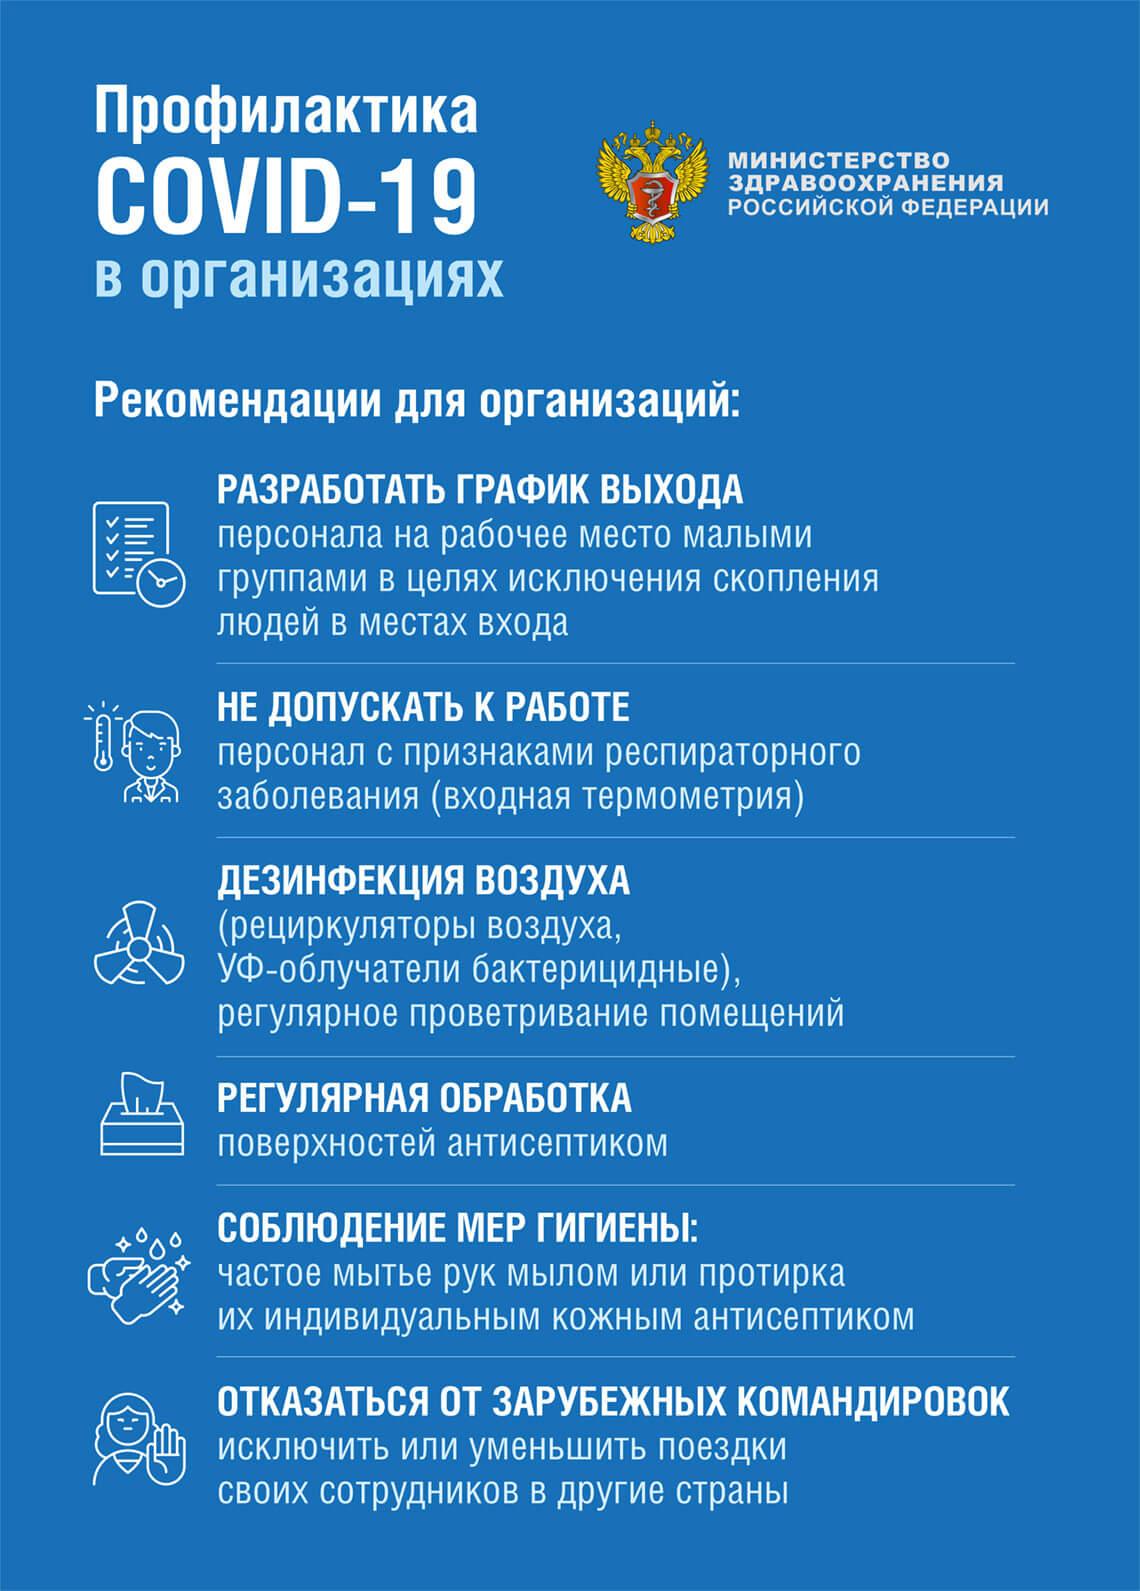 Минздрав РФ - профилактика коронавируса2